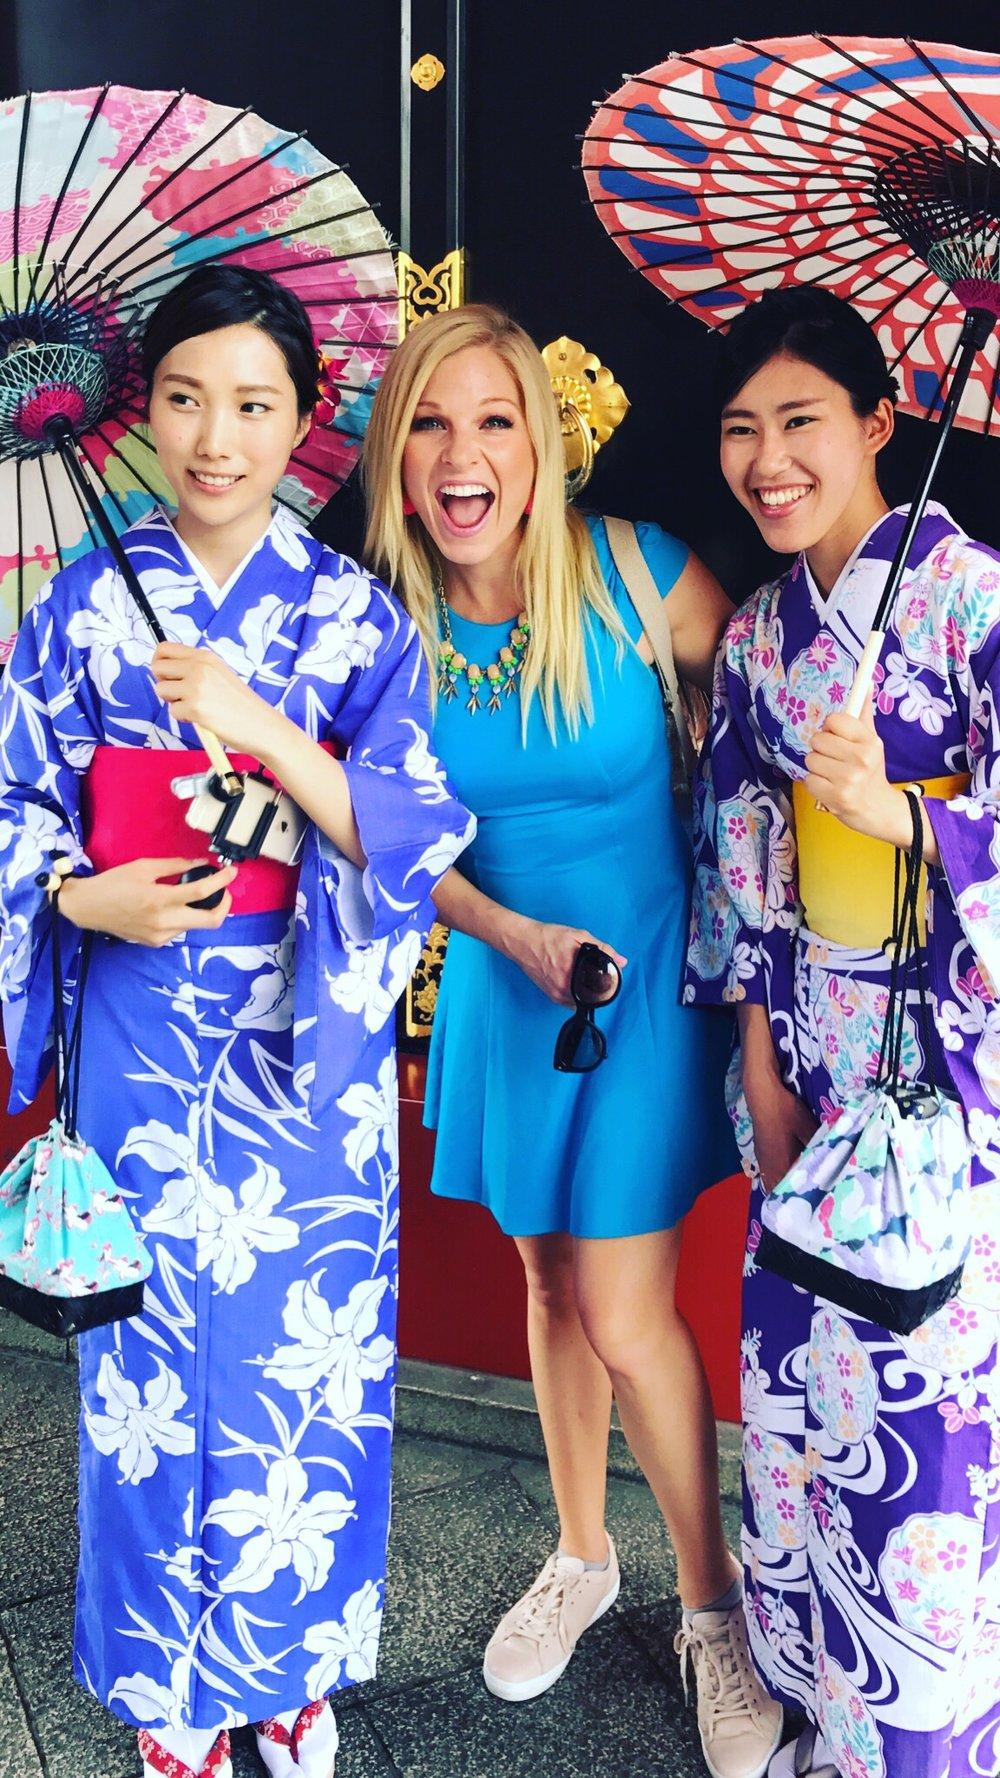 kimonos kimonos beijing seoul tokyo anna kooiman fitness travel lifestyle fashion asia adventure senso ji temple